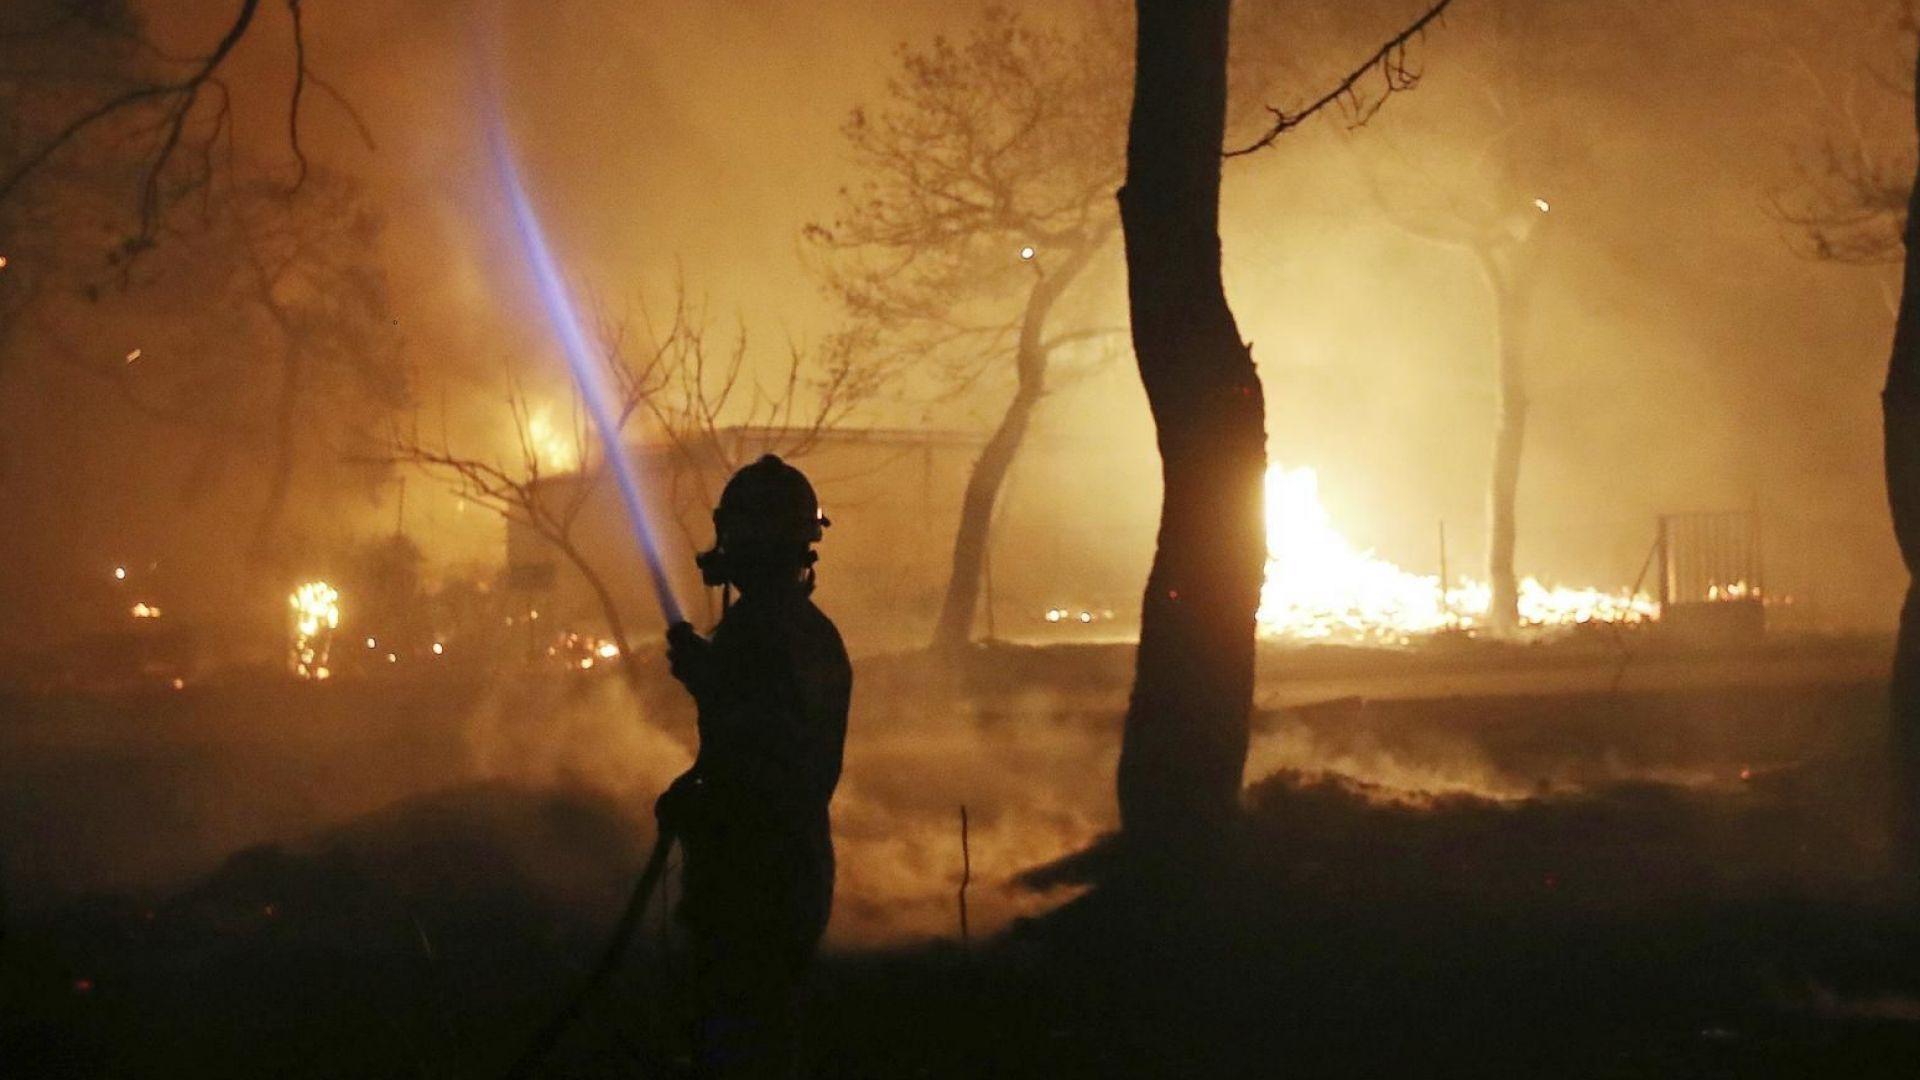 Светът в пламъци, пожари, екстремни температури, започва ли Апокалипсис? (видео)